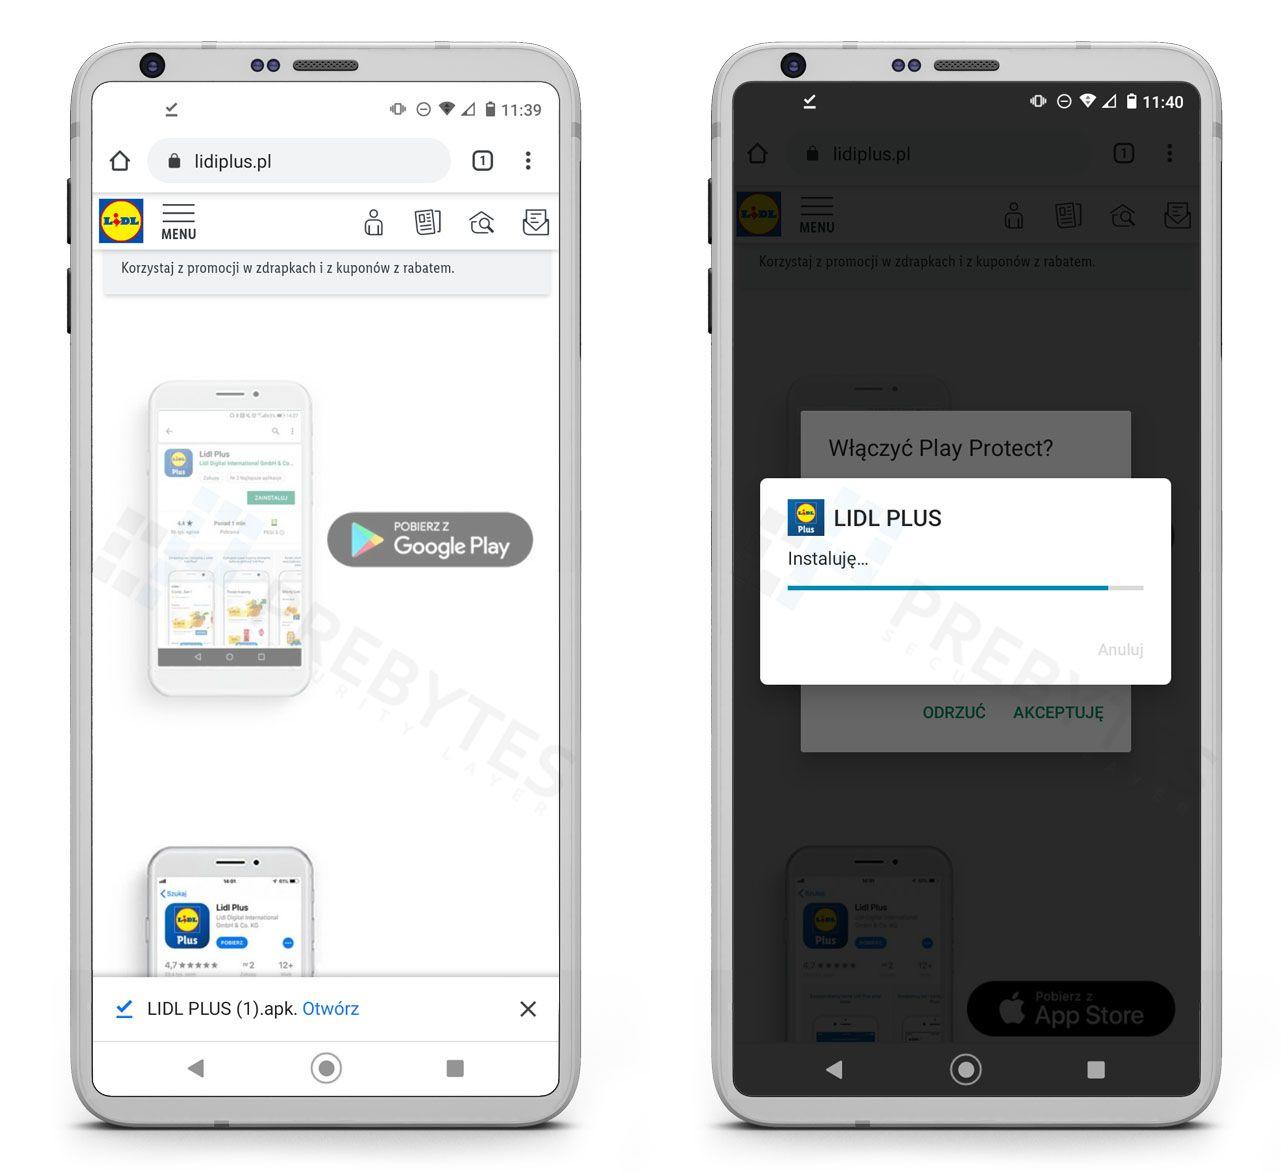 Instalacja fałszywej aplikacji Lidl Plus